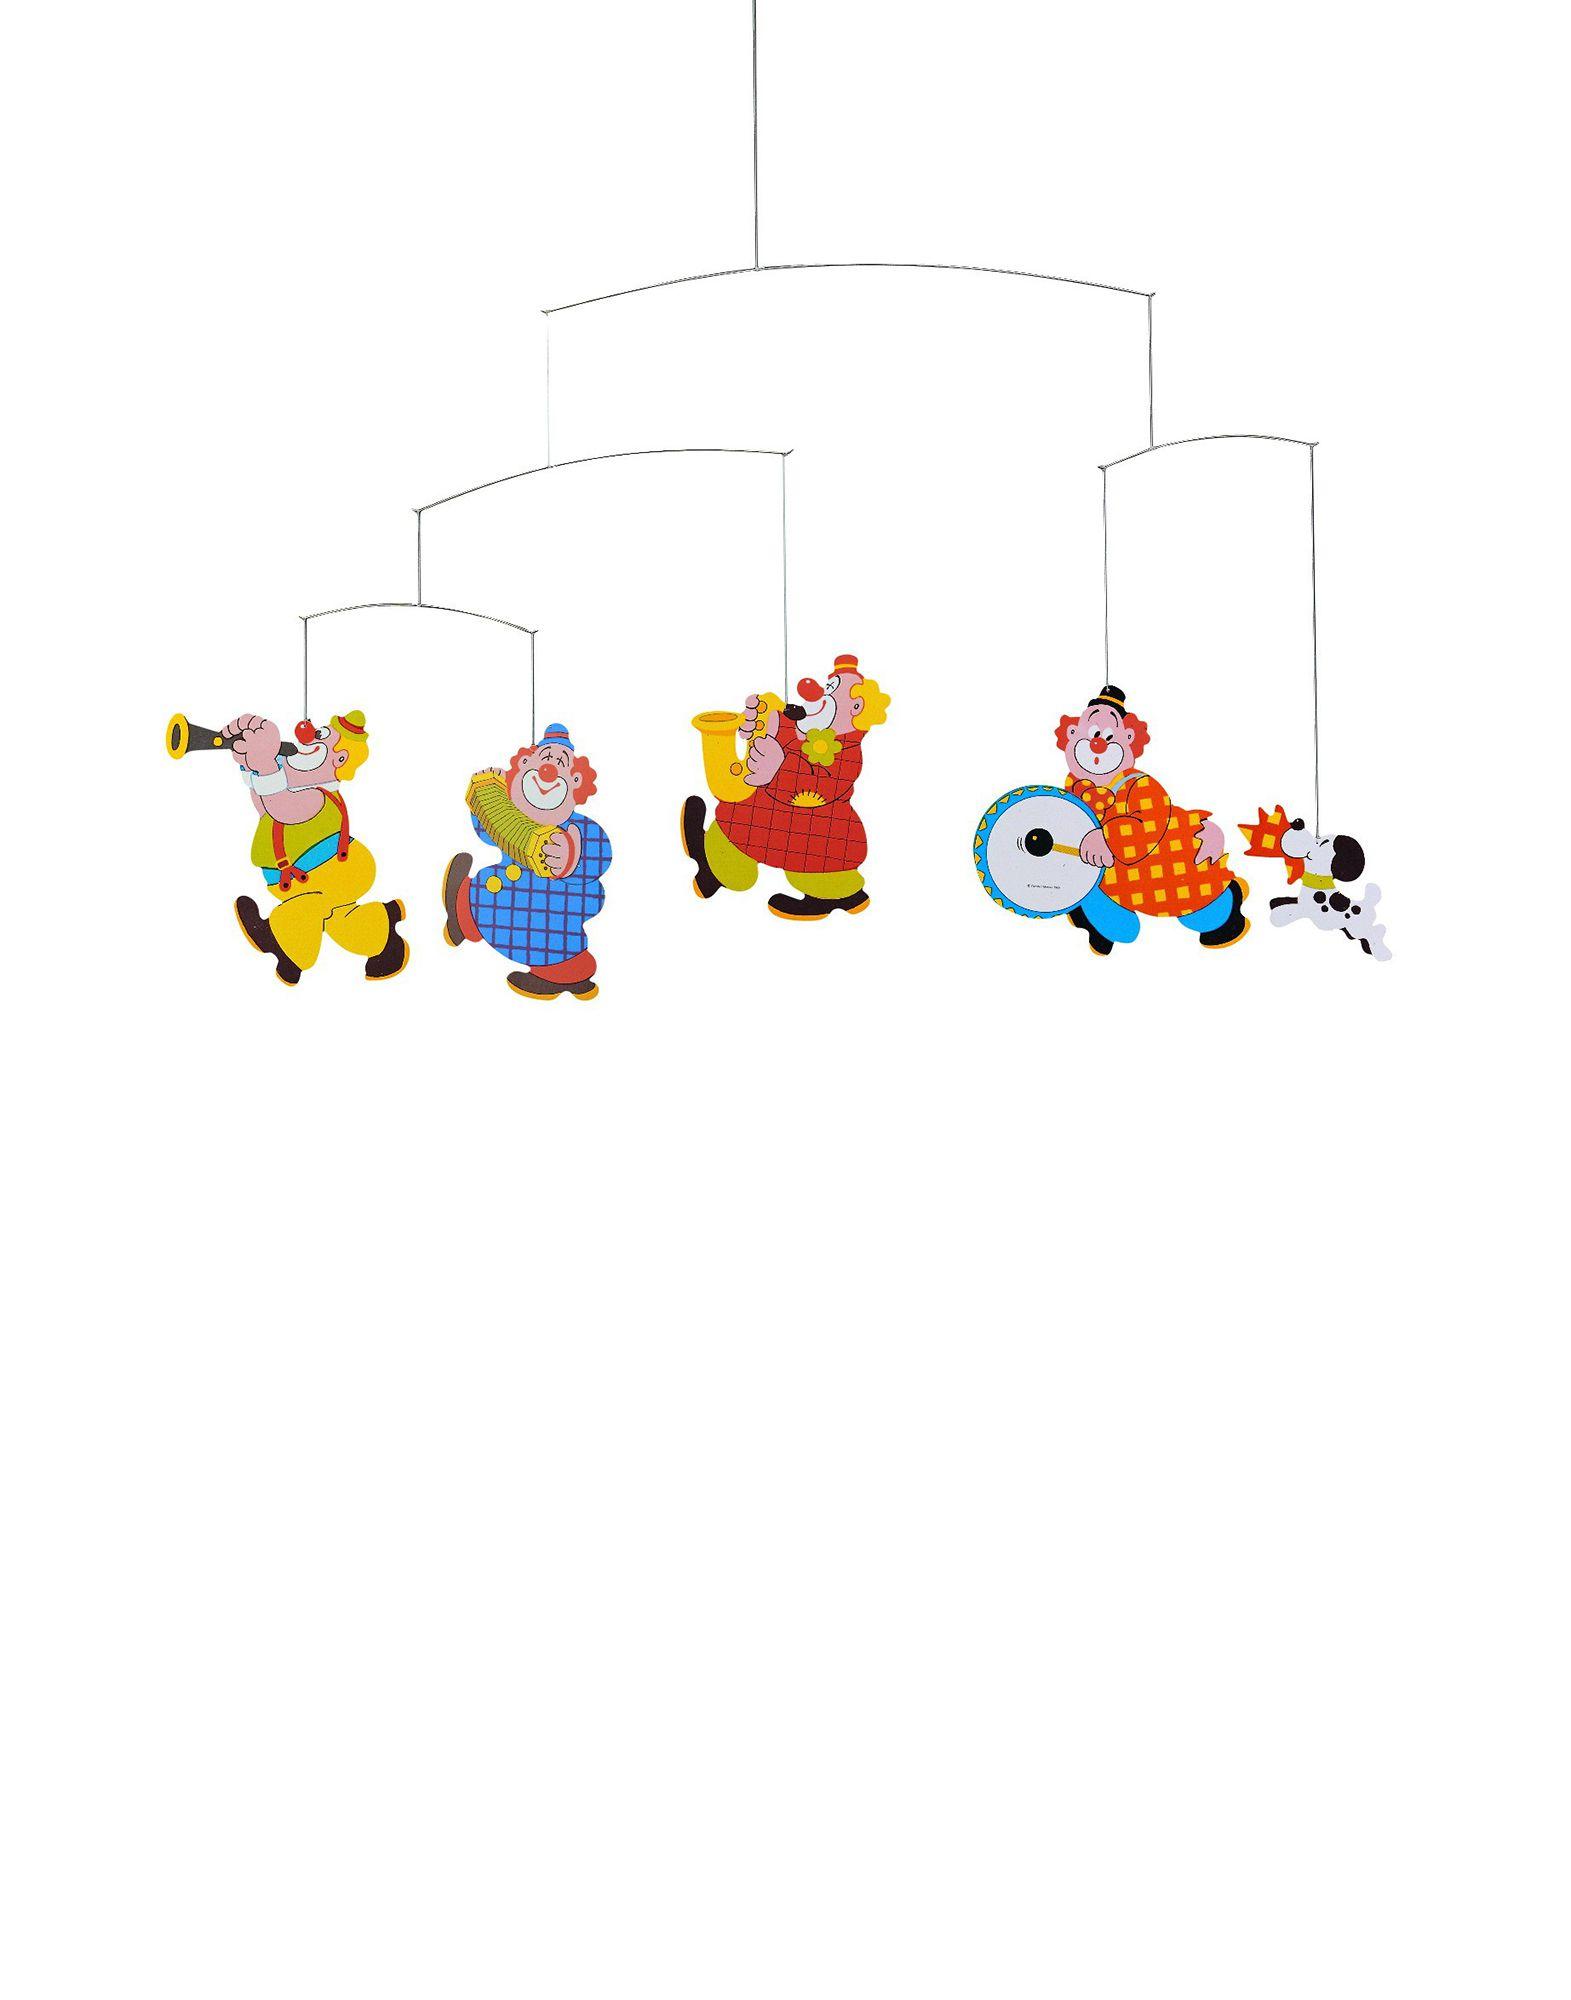 FLENSTED Unisex Baby- und Kinderspielzeuge Farbe (-) Größe 1